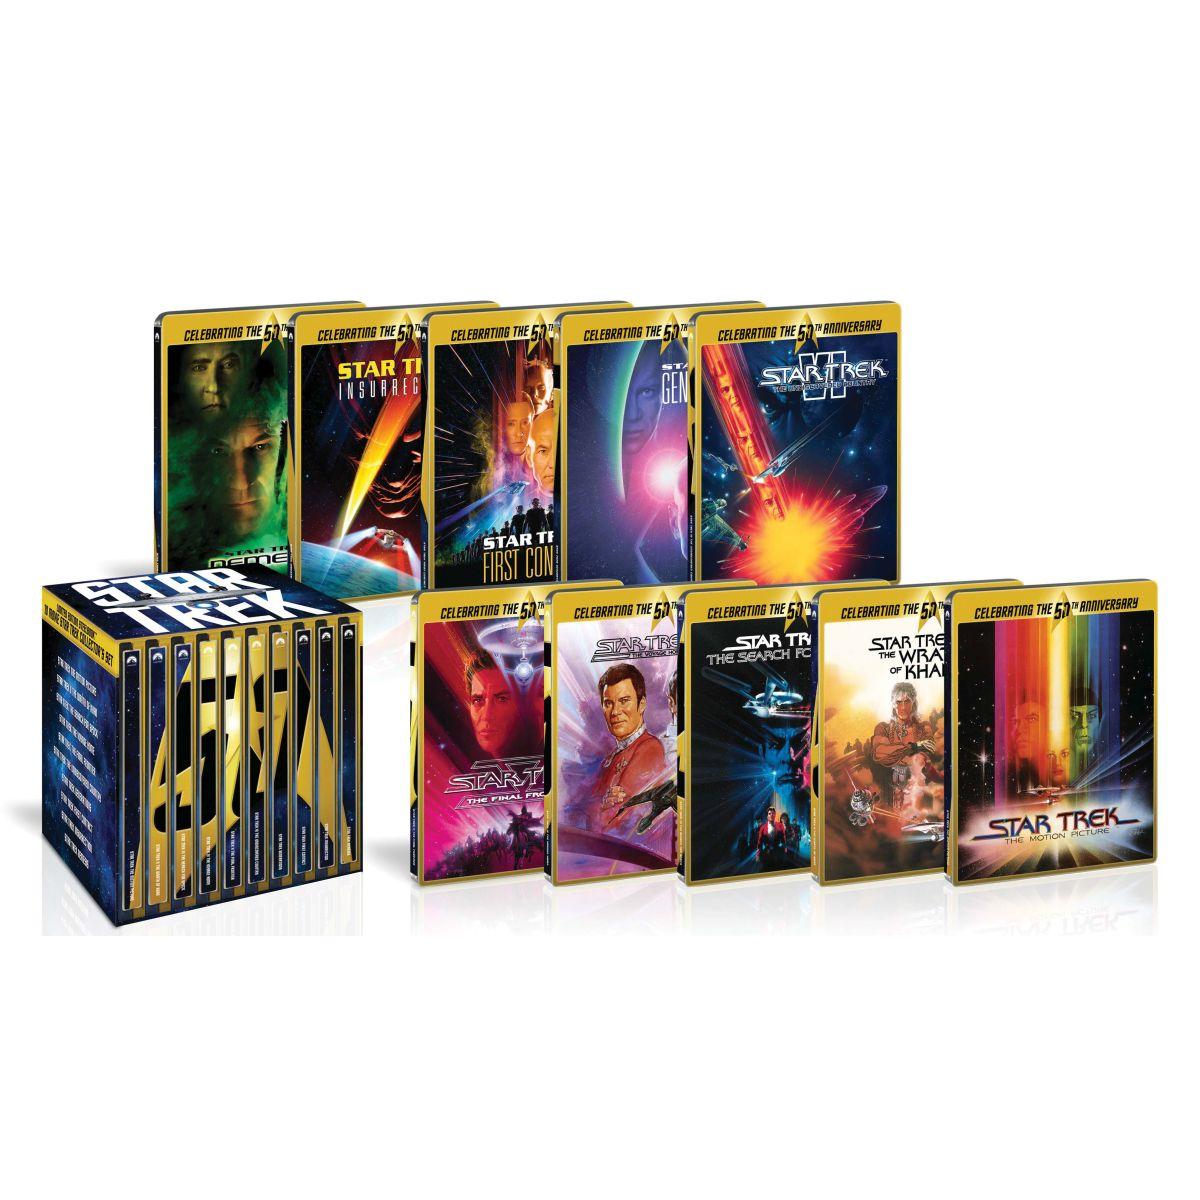 【法人限定販売】スター・トレック I-X 劇場版ブルーレイ50周年記念BOX スチールブック仕様【Blu-ray】